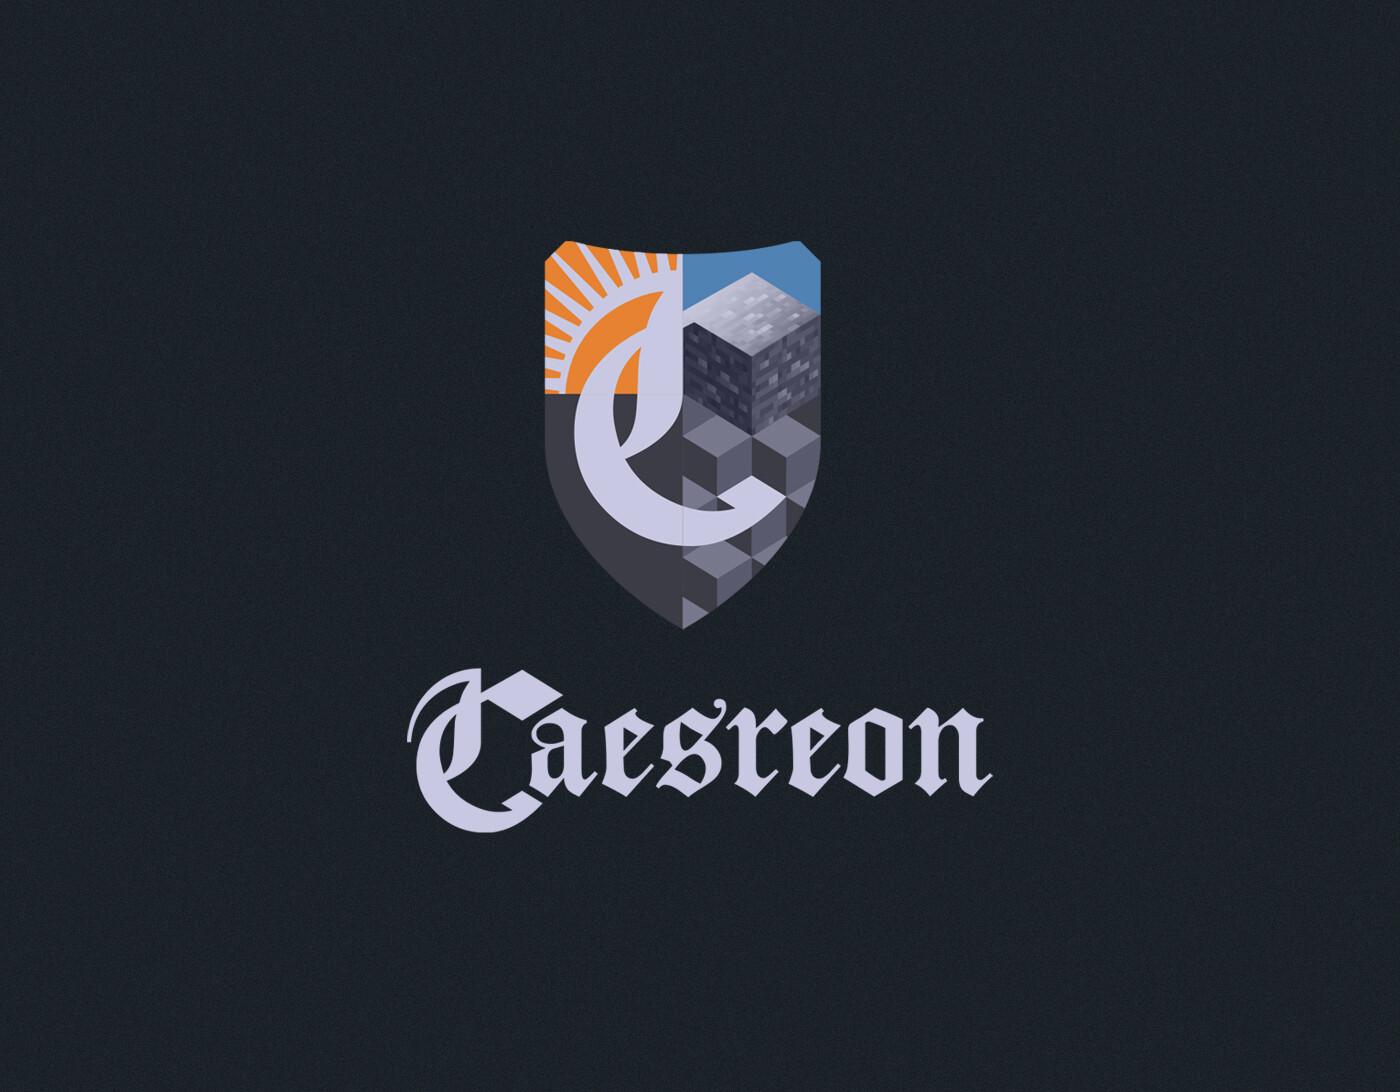 Caesreon